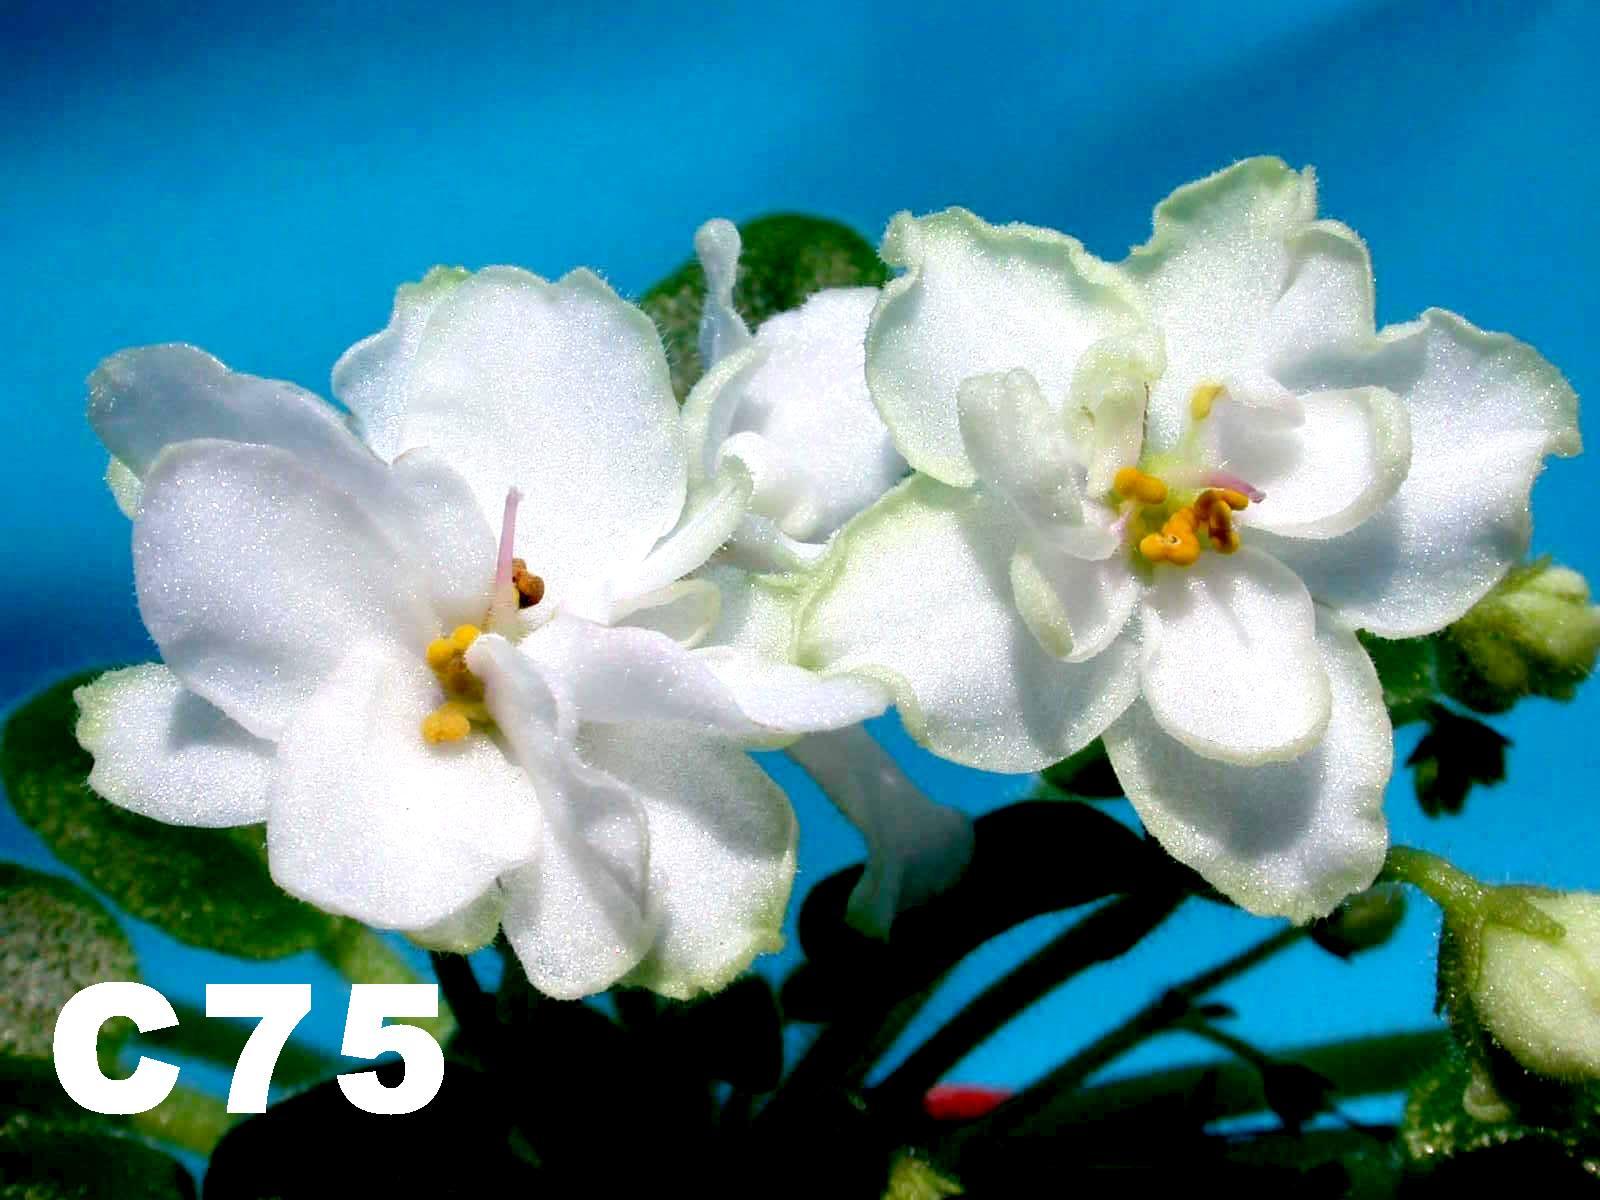 [C75] C75